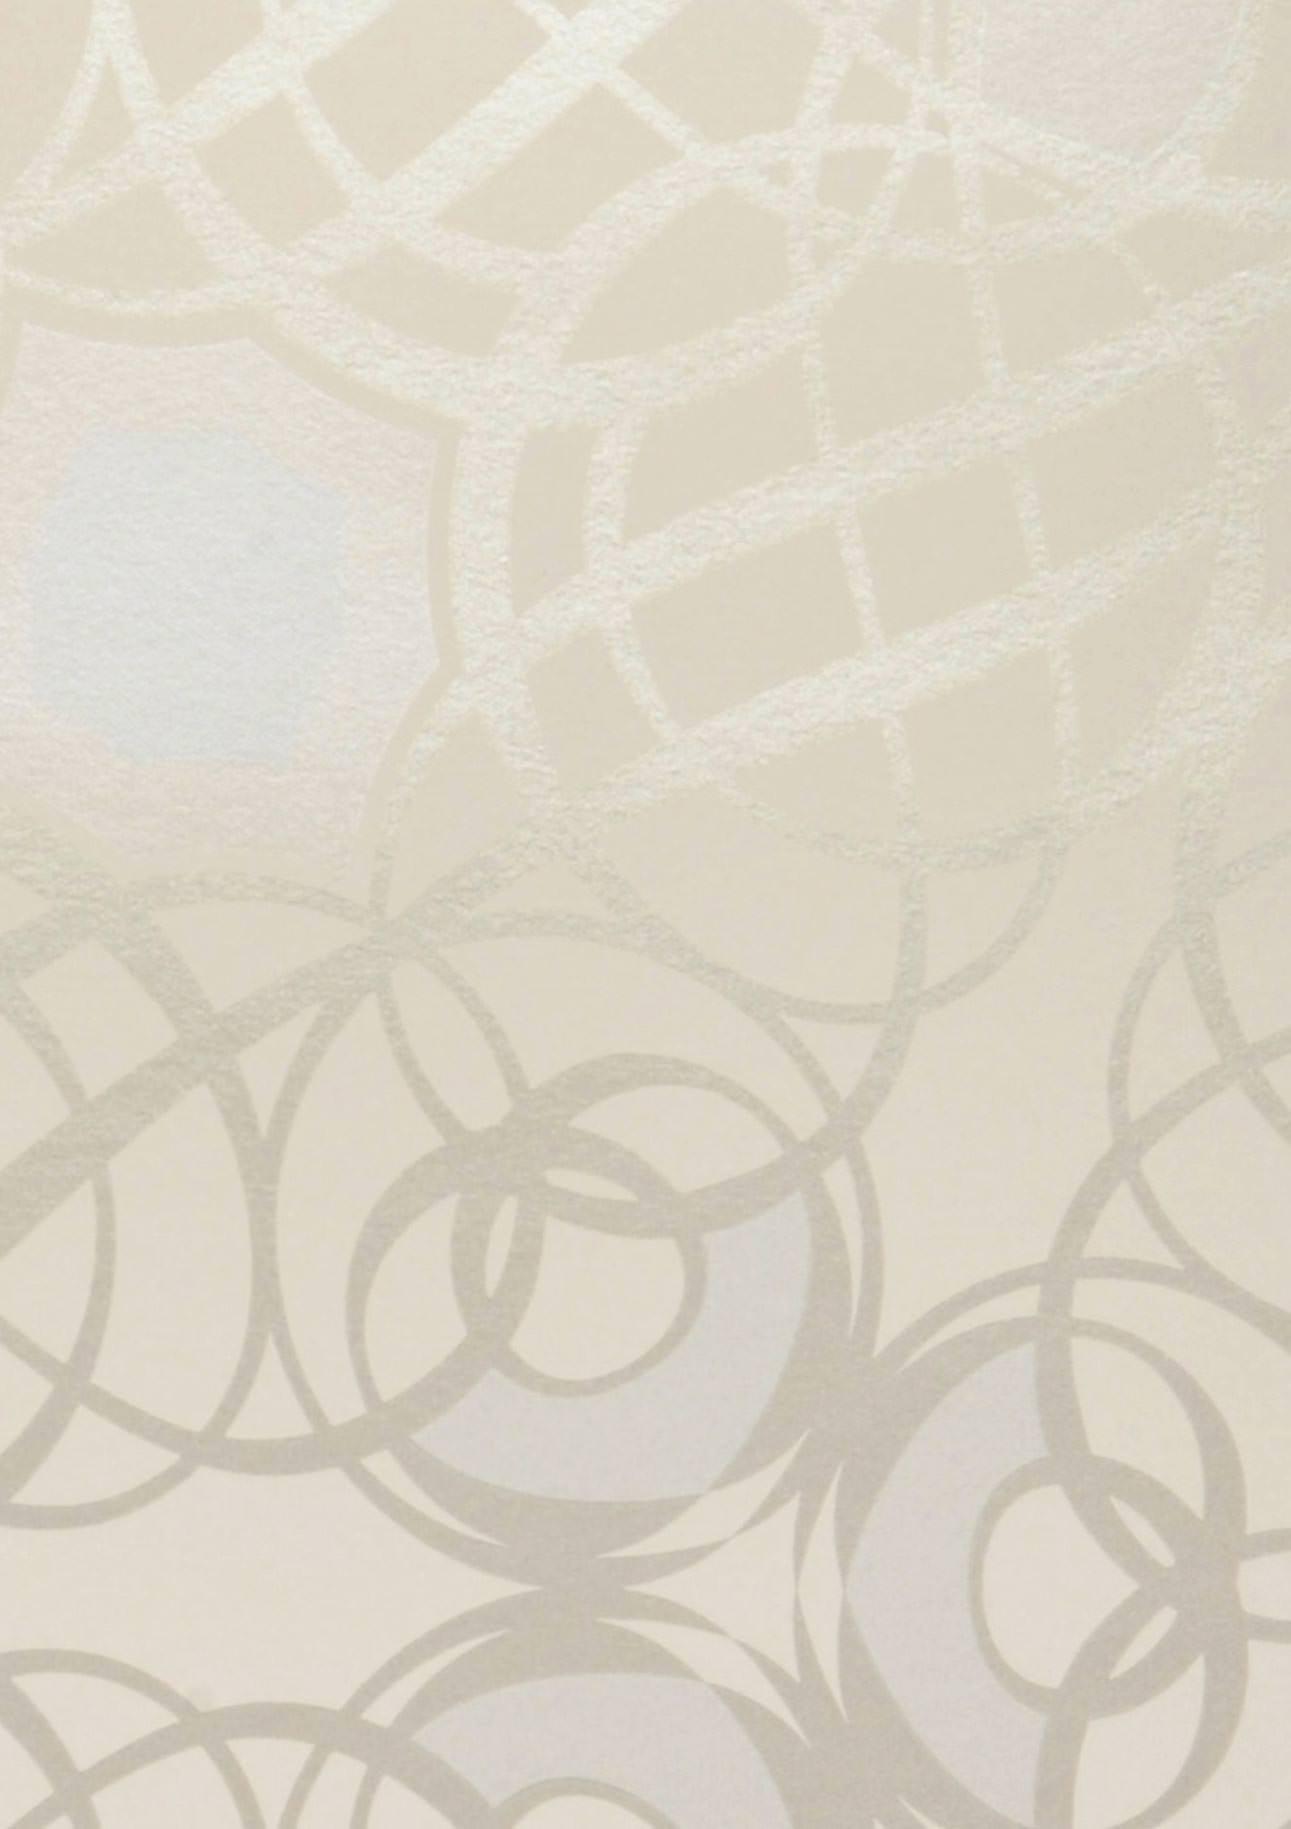 Papier Peint Nilus Blanc Cr Me Beige Blanc Gris Beige